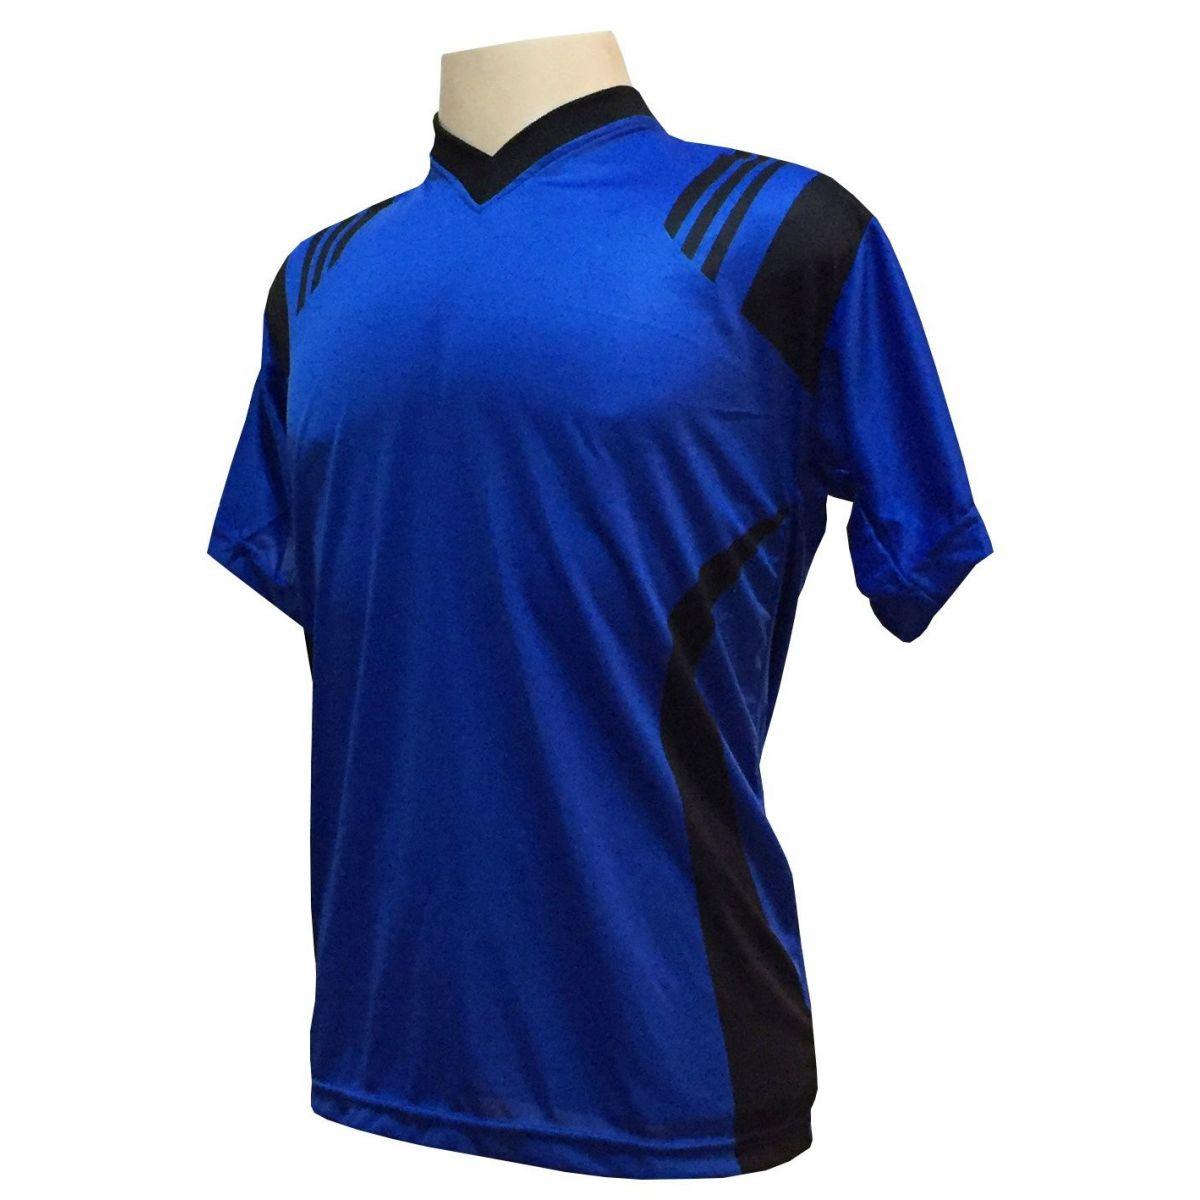 Jogo de Camisa com 12 unidades modelo Roma Royal/Preto + 1 Goleiro + Brindes